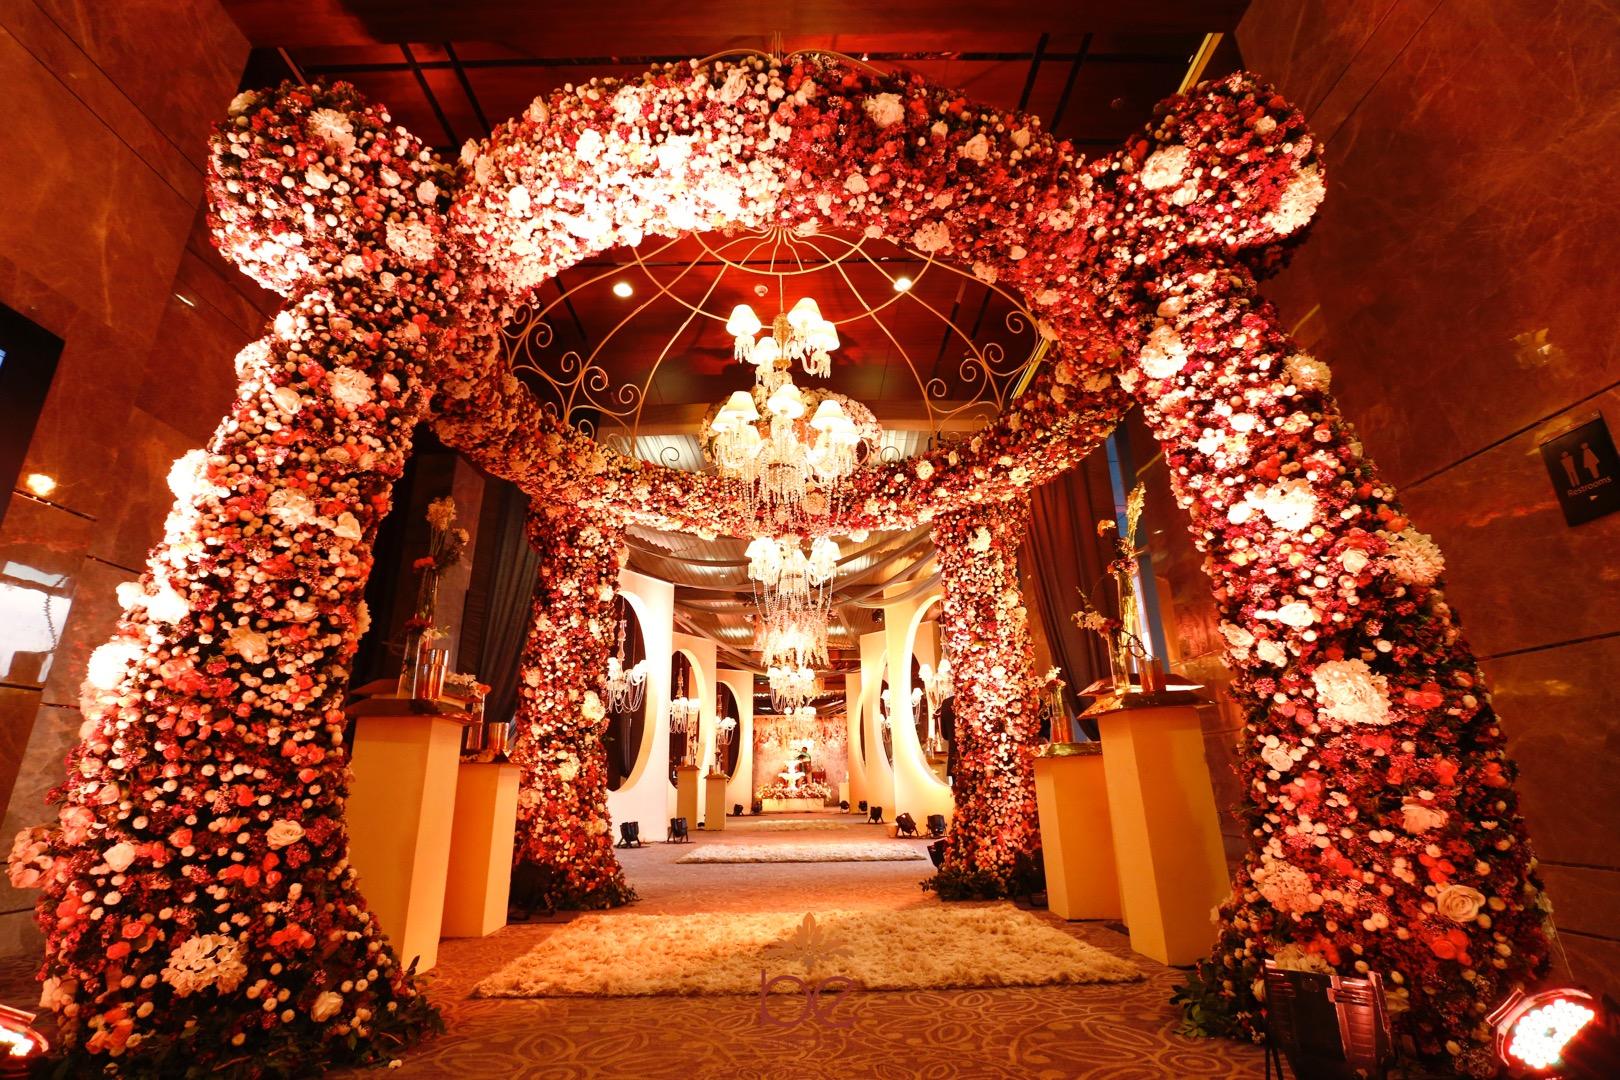 Huge Floral Entrance with Big Chandelier in Middle